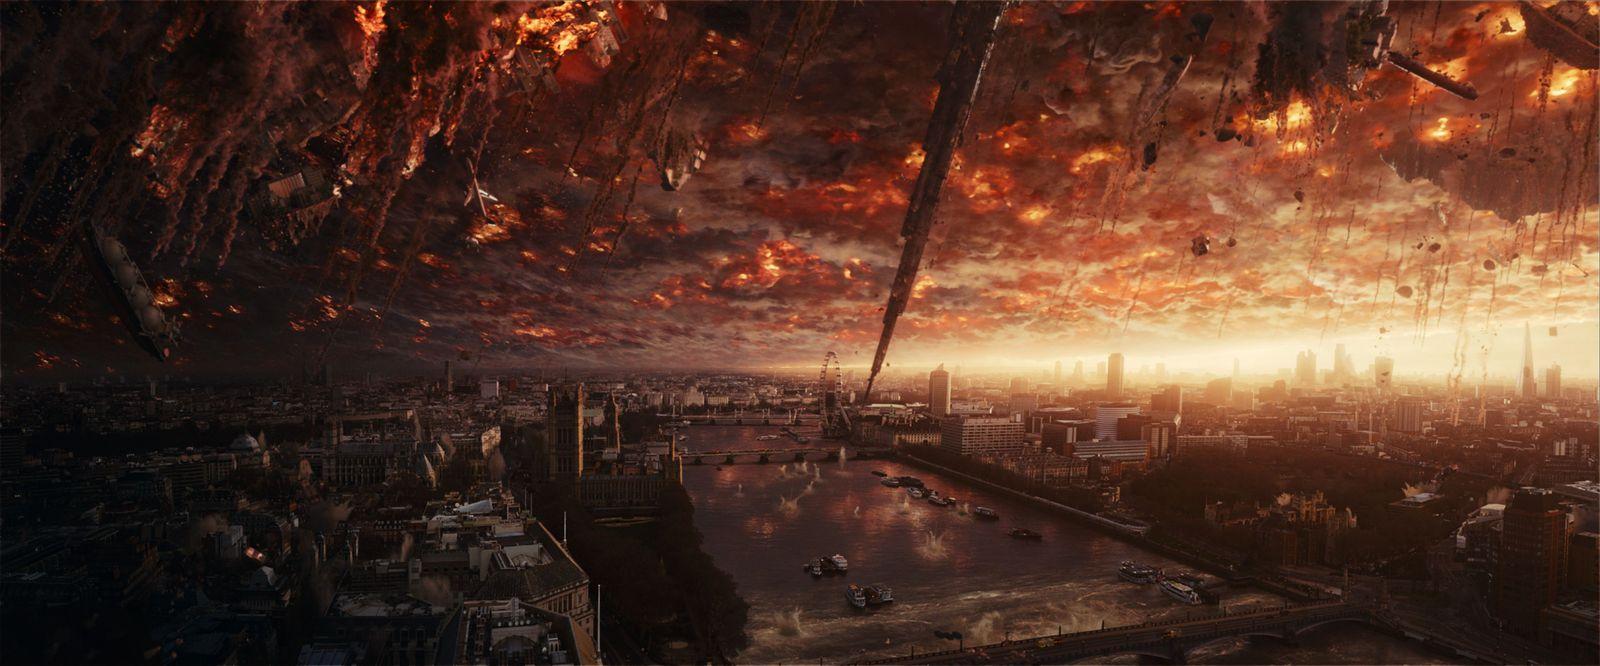 Film Deň nezávislosti: Nový útok (2016)